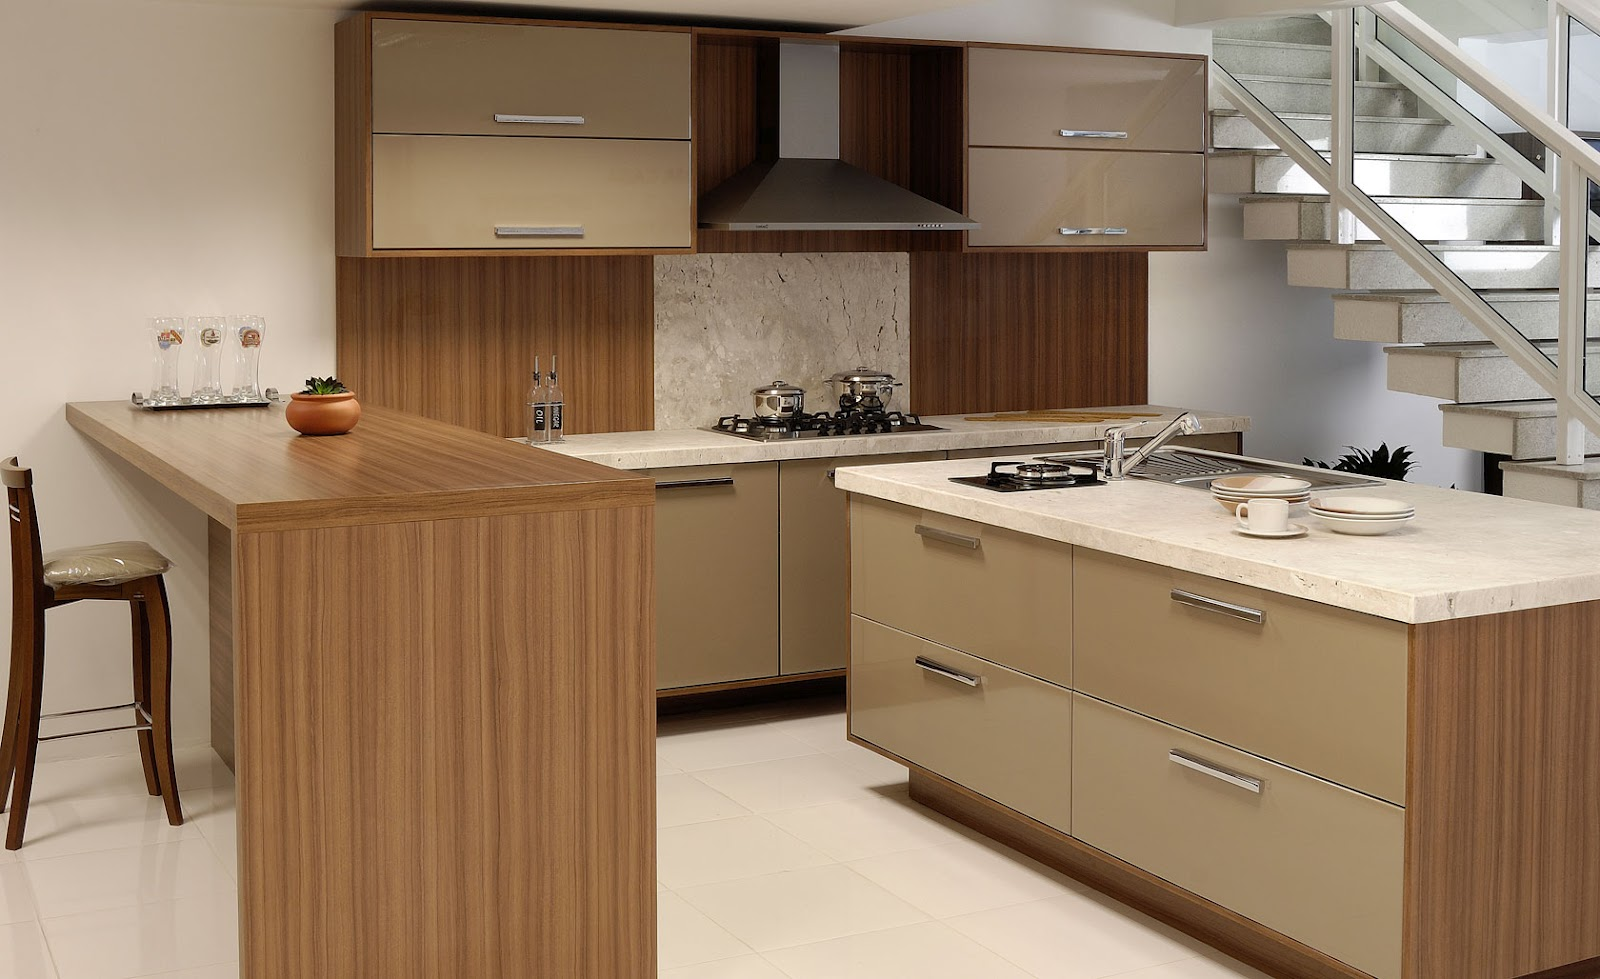 Imagens de #382214 Lar Mobile Móveis Planejados: Cozinhas 1600x979 px 3714 Banheiros Planejados Sofisticados